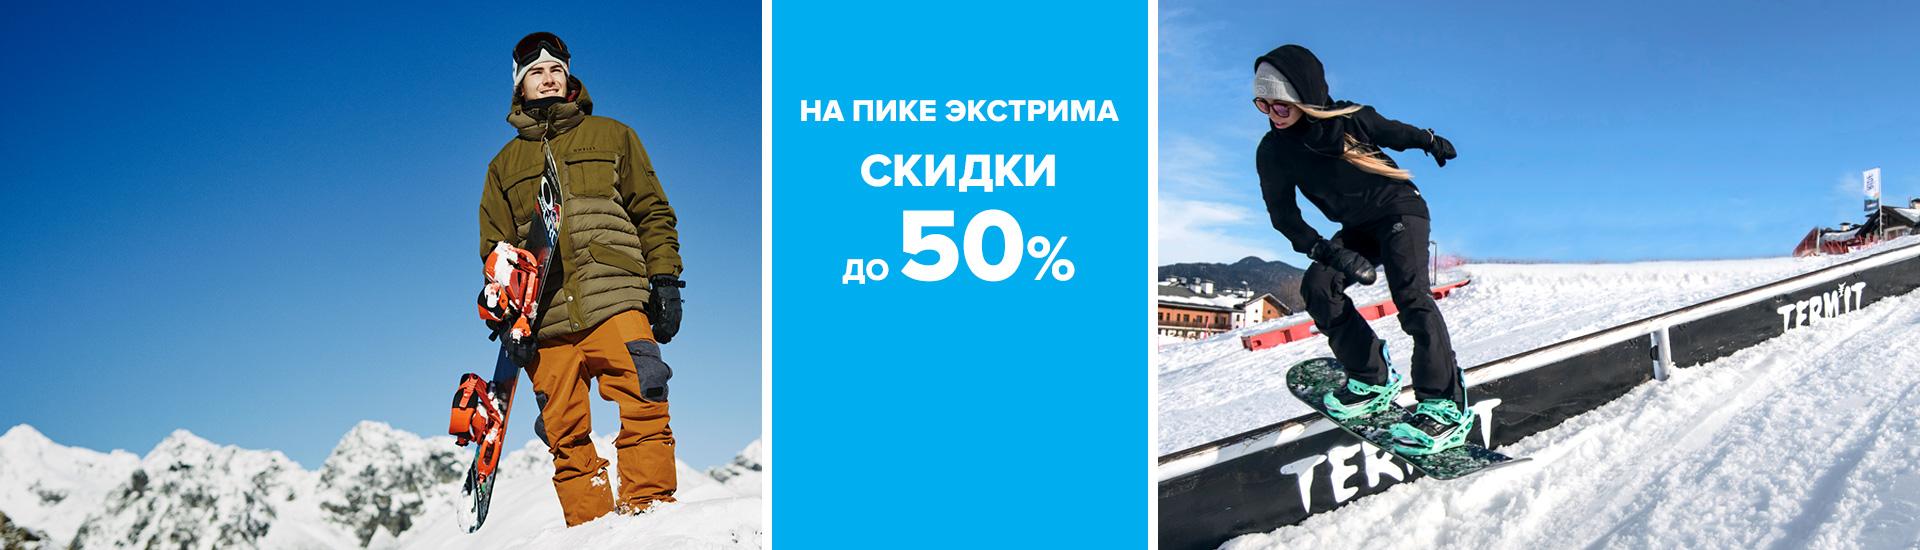 Спортмастер - сеть спортивных магазинов. 2a5cf7c24e3